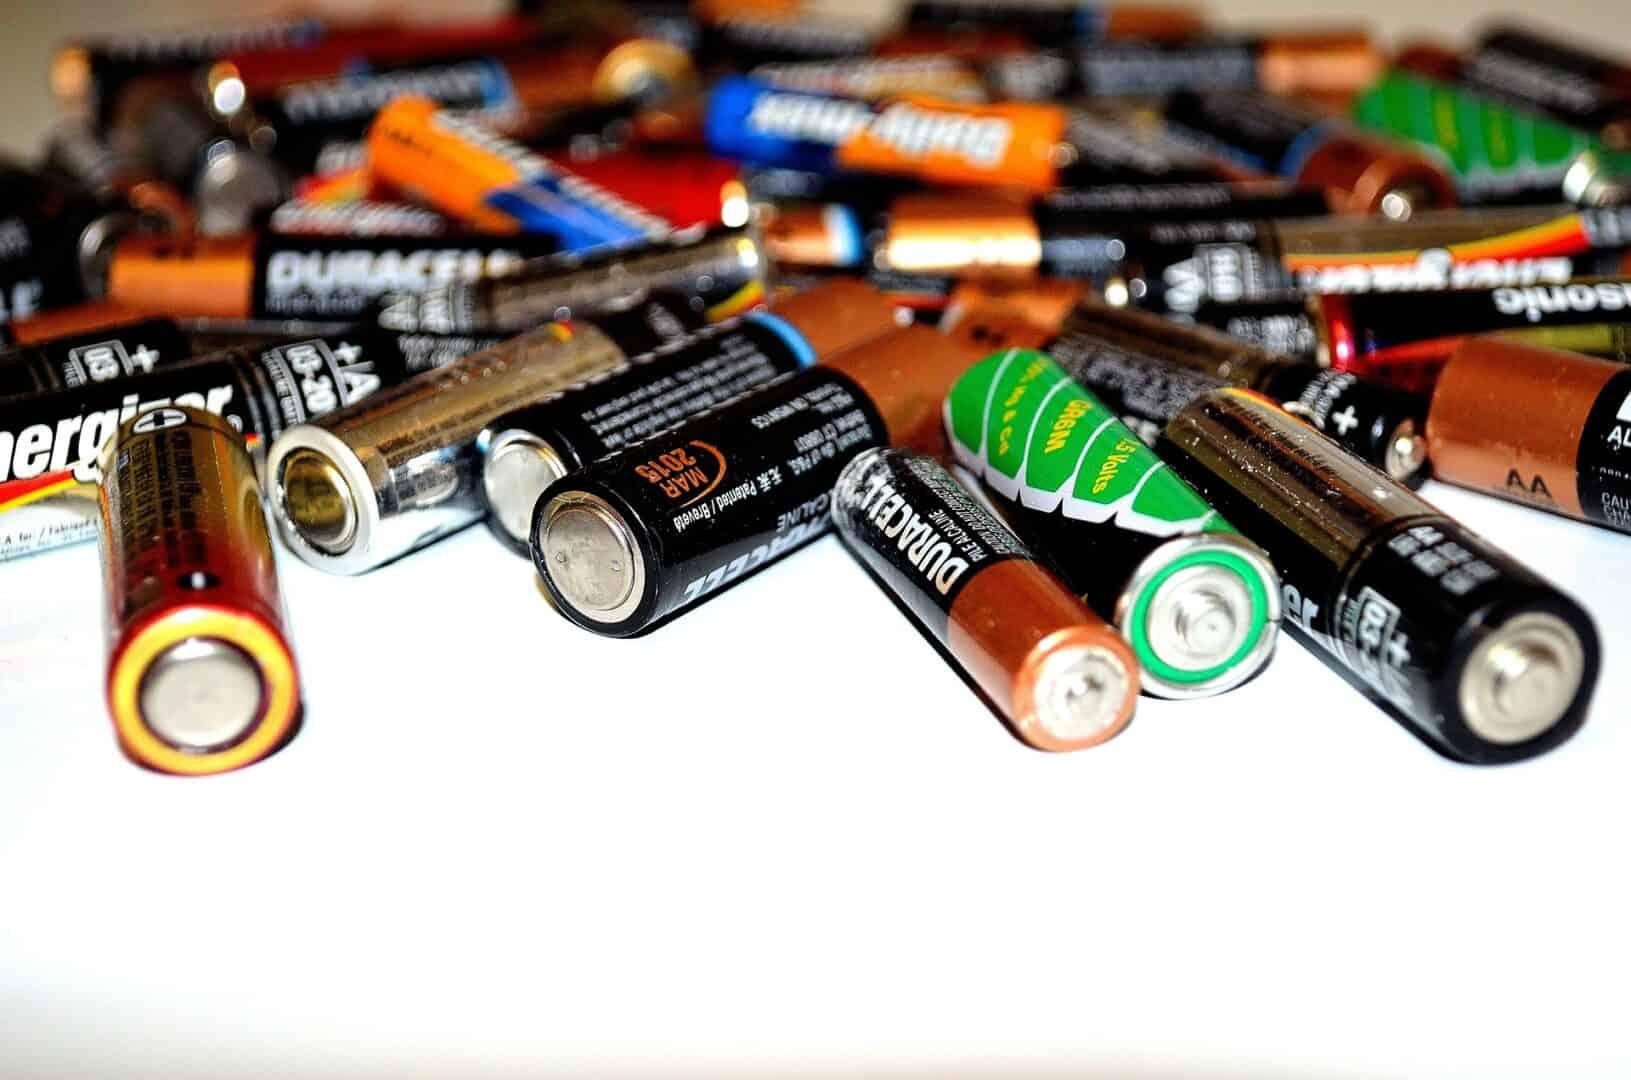 Der Körper – eine Batterie für Ladestationen